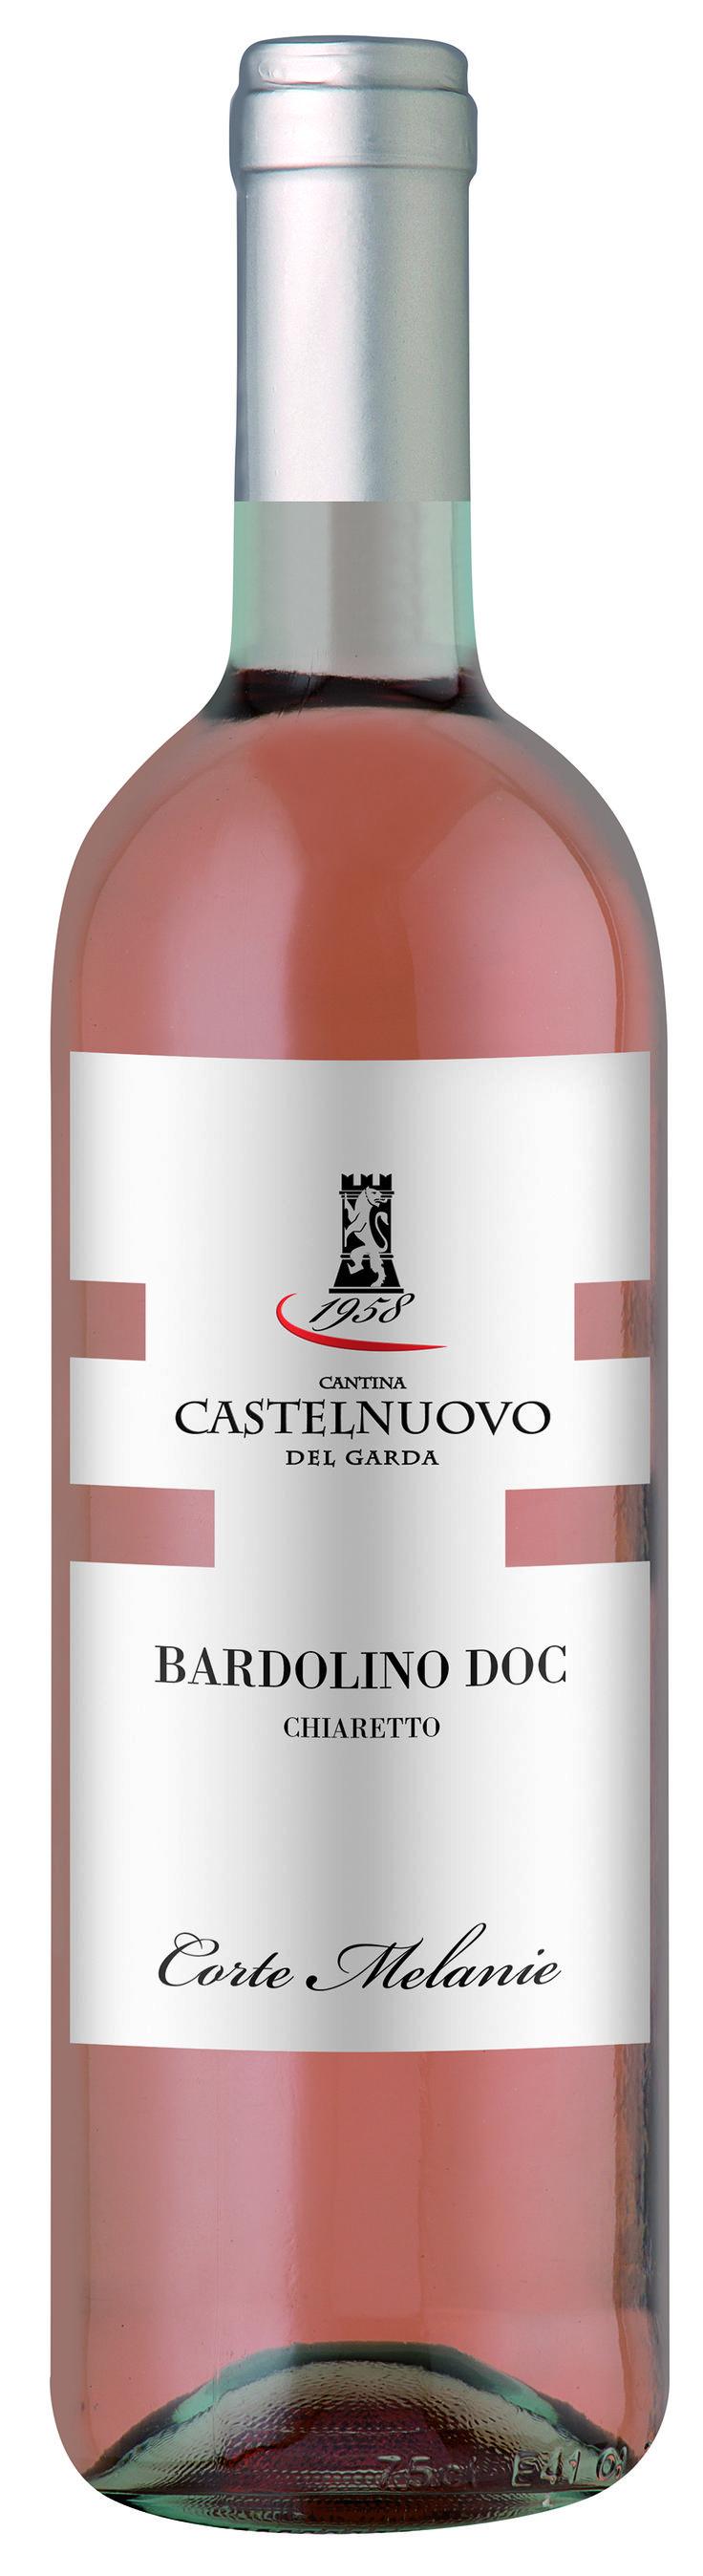 Bardolino Chiaretto - Cantina Castelnuovo del Garda #winelabel #winedesign #italianwine #Francescon #Collodi #F&C